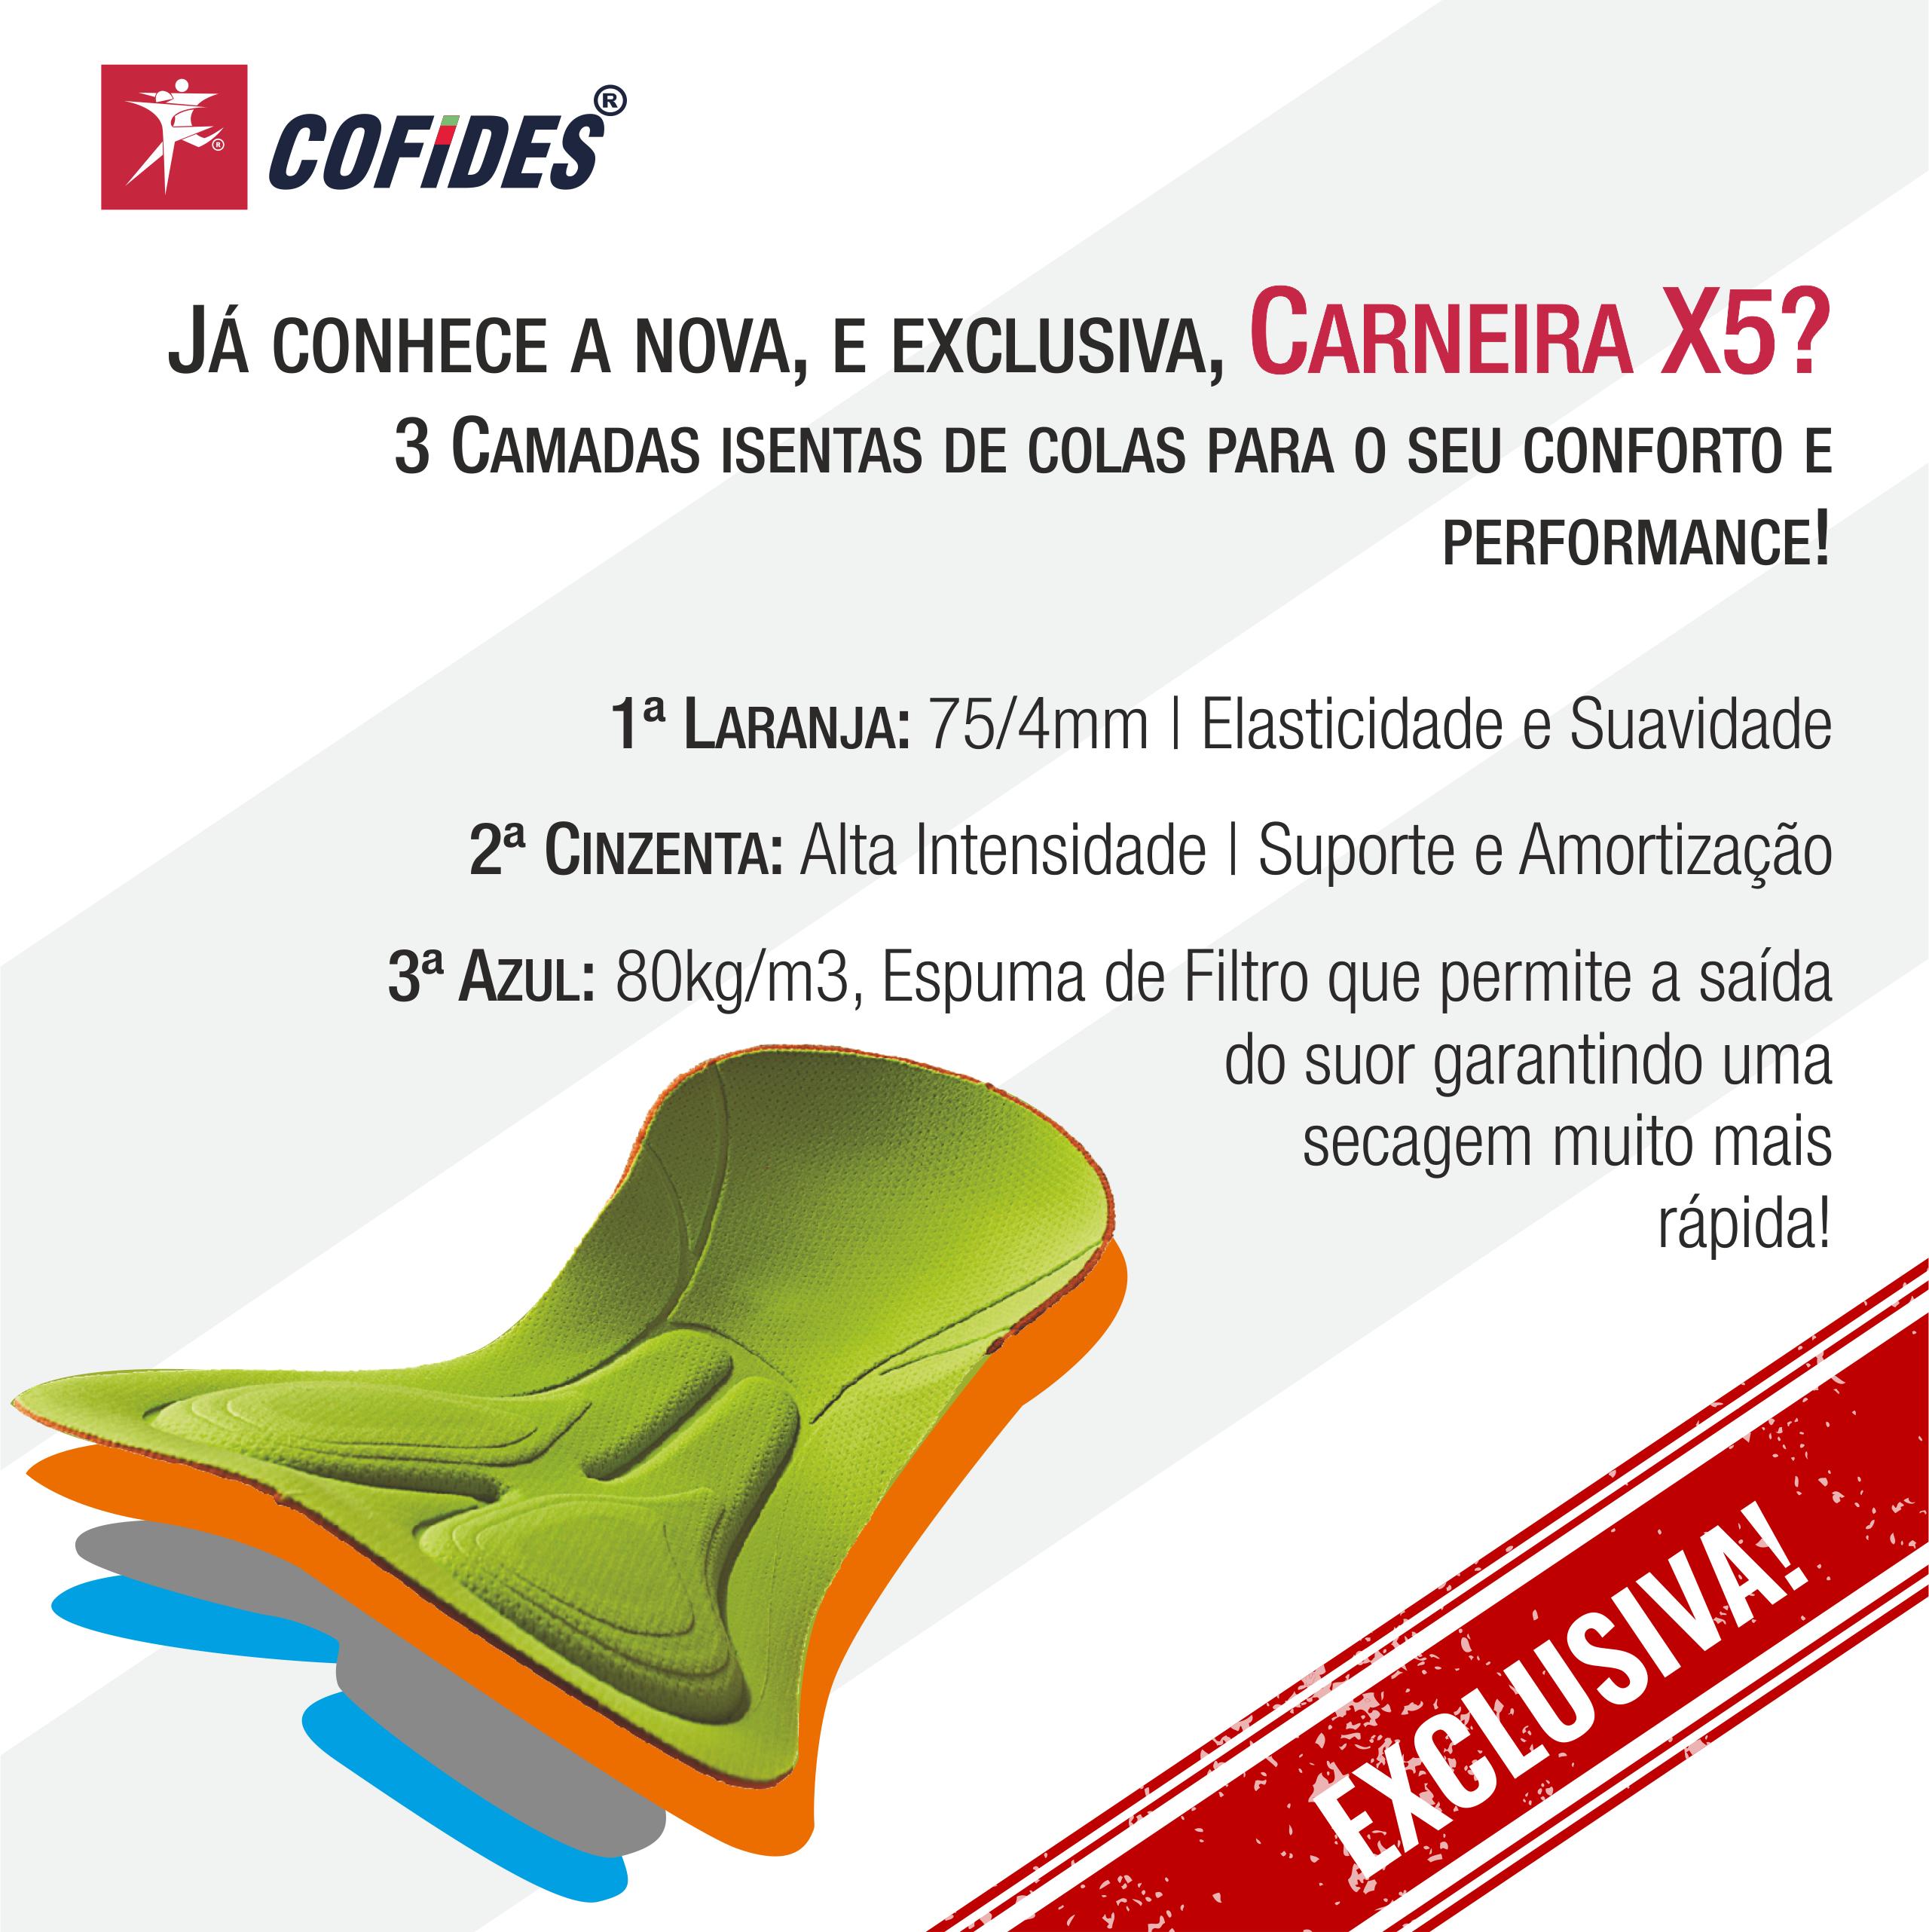 Carneira X5 | Descrição 2